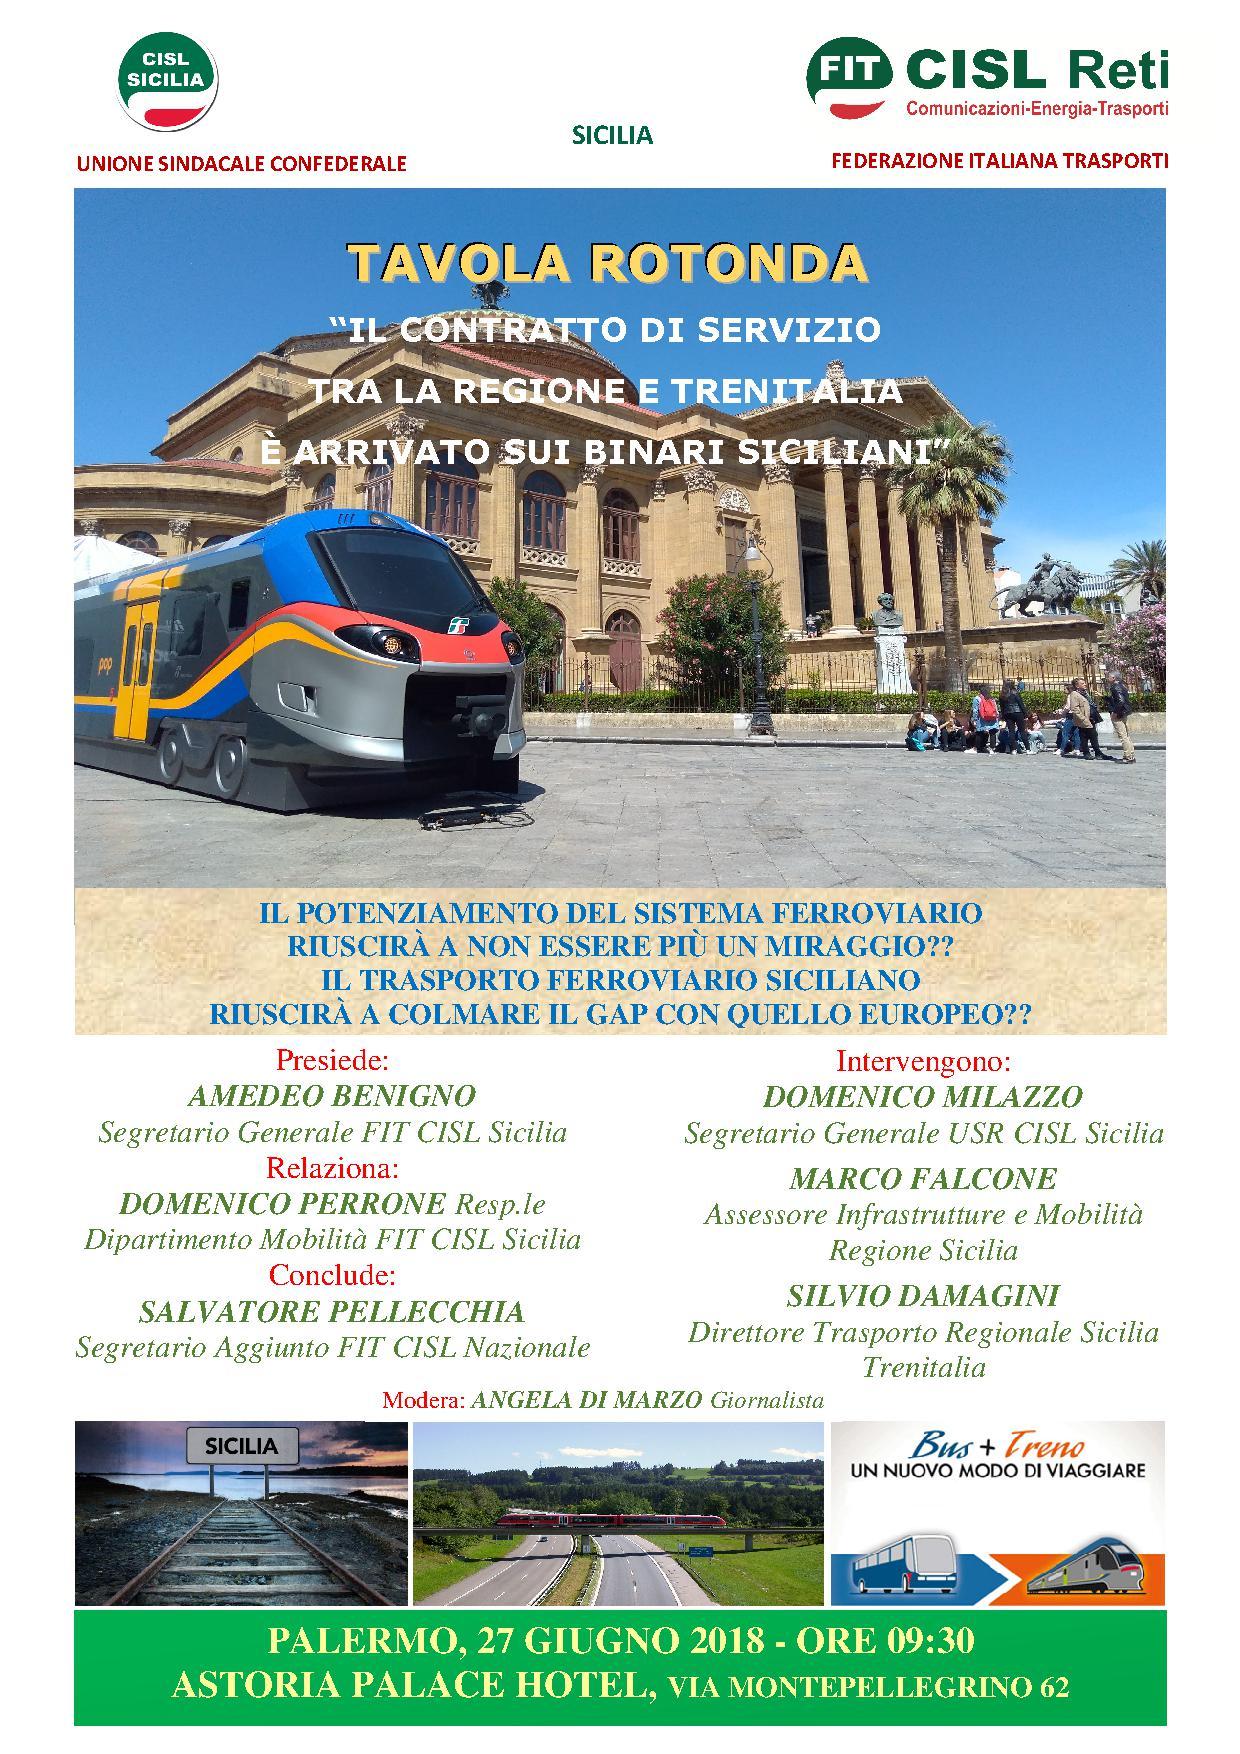 Ferrovie, incontro sul contratto di servizio con Regione e Trenitalia